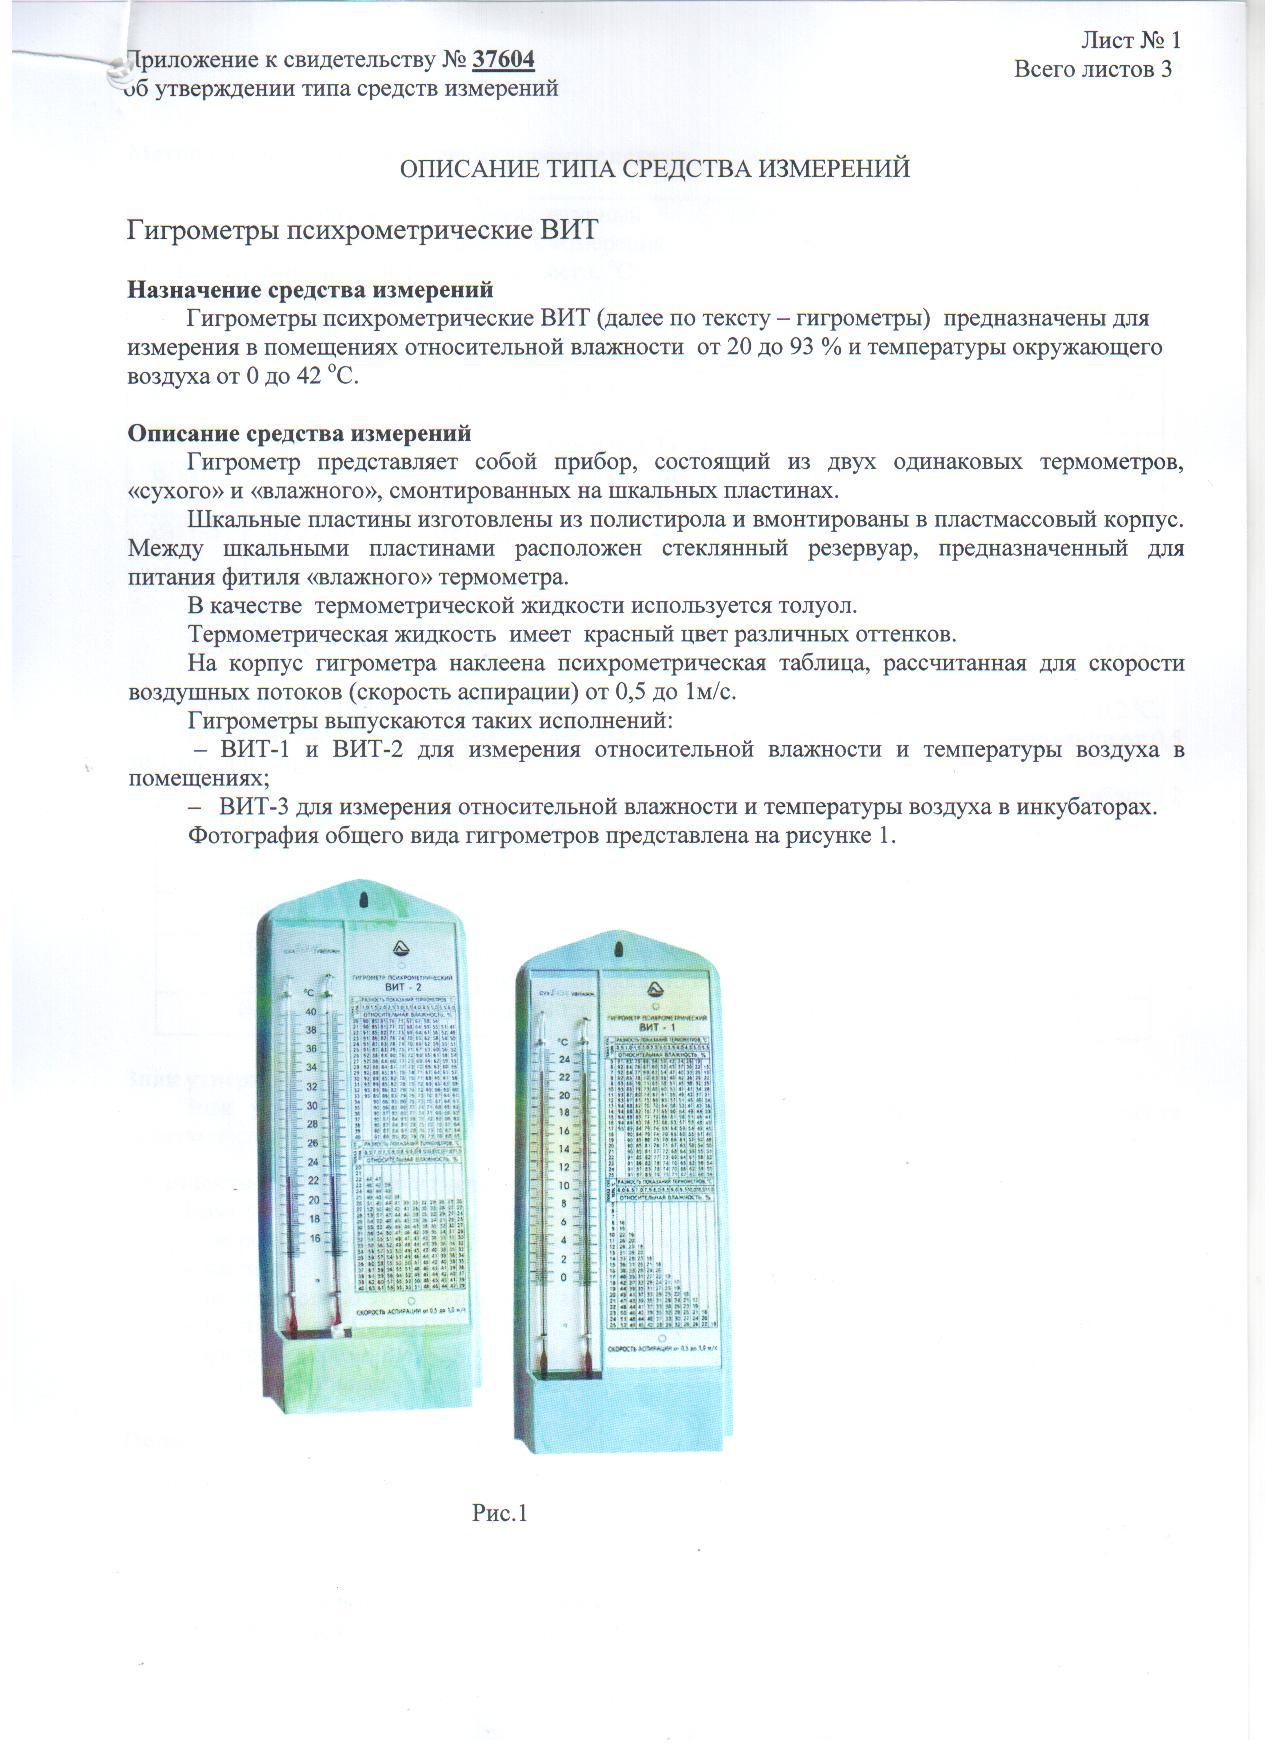 Об утверждении форм первичной медицинской документации организаций